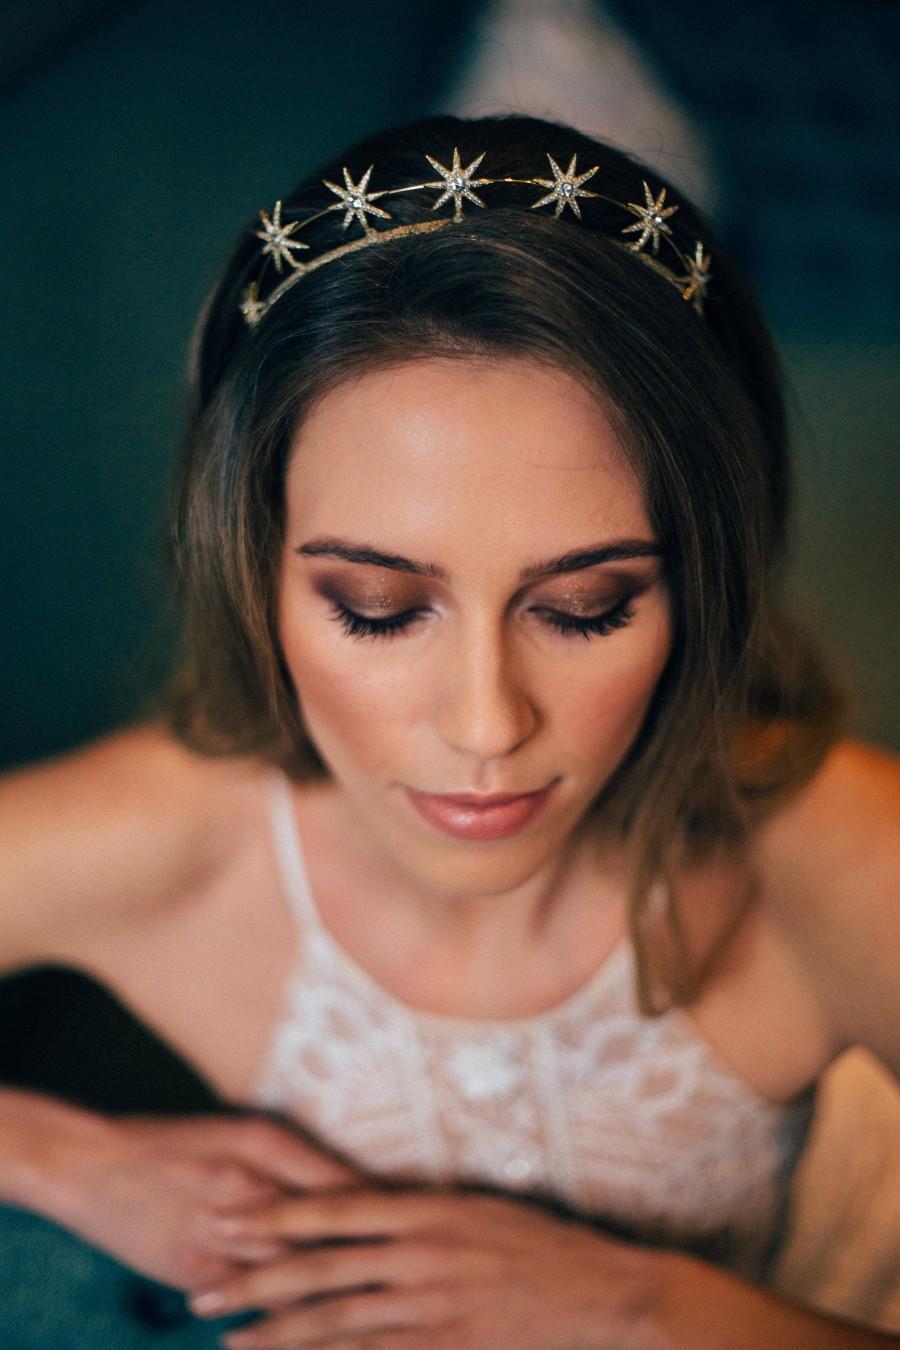 Mariage - Gold Star Crown/ Silver Star crown - Gold Wedding Tiara - Bridal  Hair Accessory -  Bridal Hair Accessory -Modern Bridal Crown Headpiece